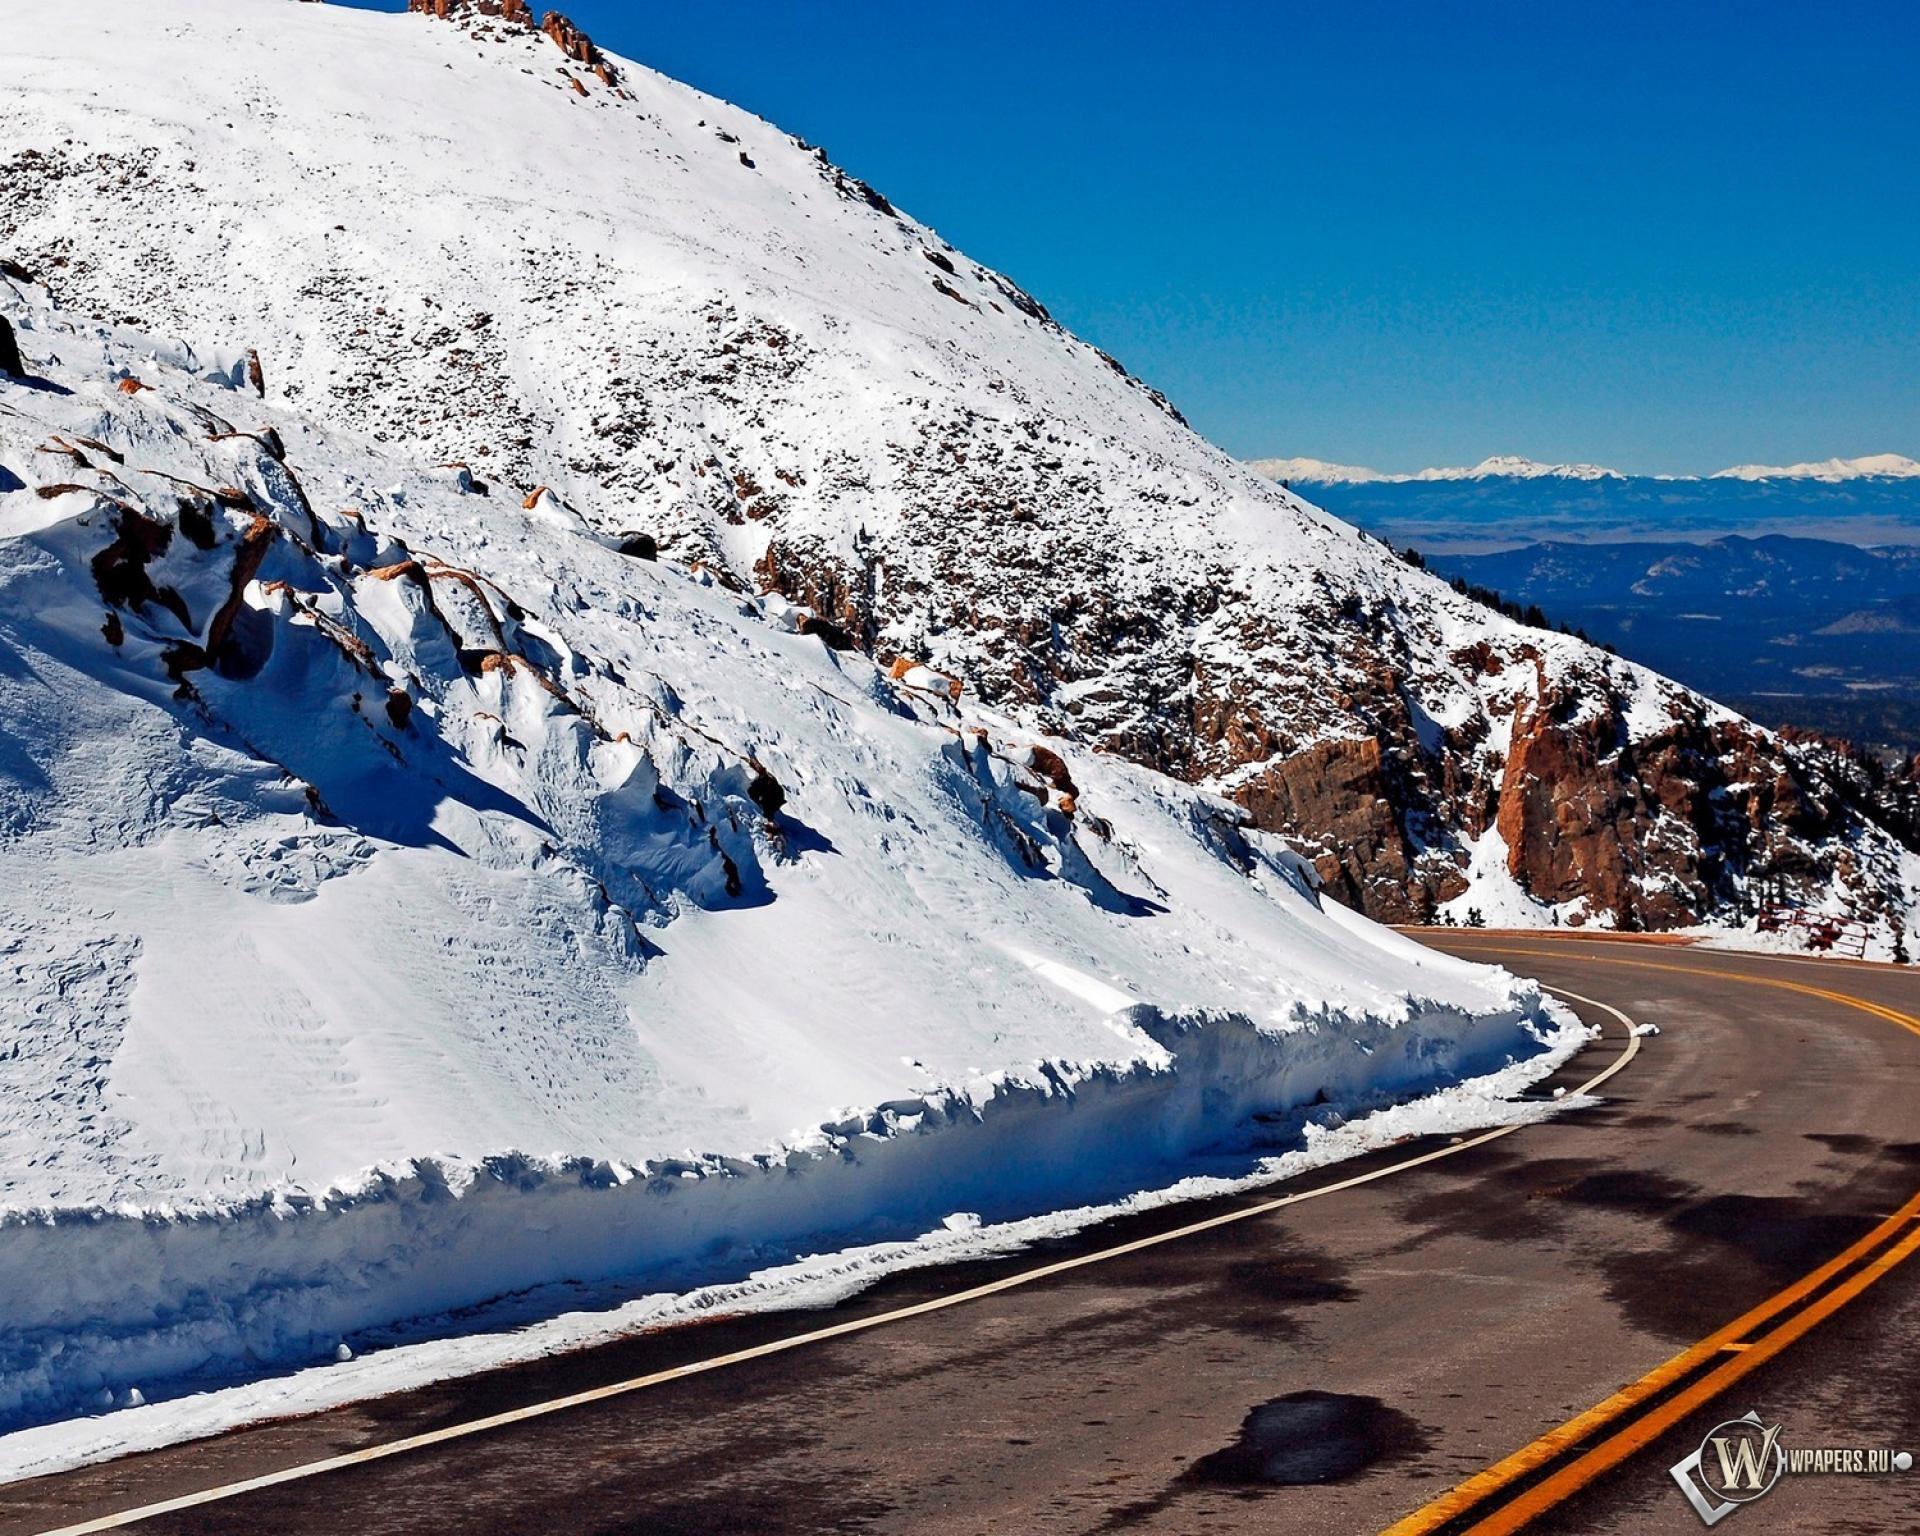 Снег на горных склонах  № 2944977 загрузить